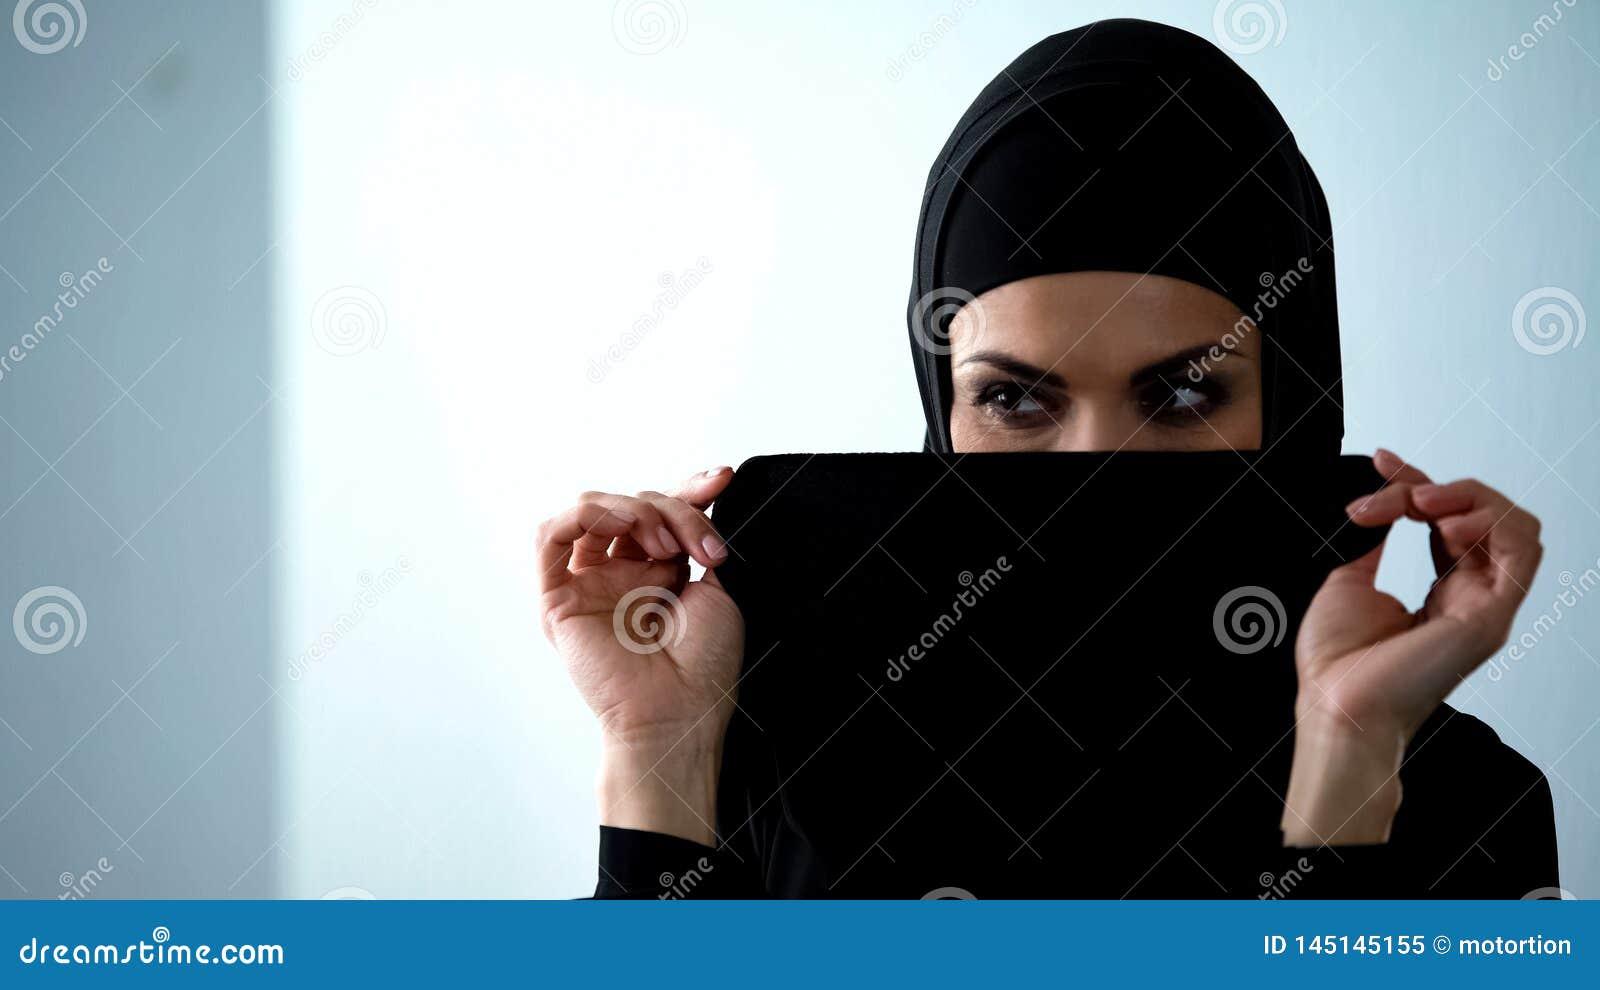 Hogyan lehet megmondani, ha egy arab srác kedvel téged?